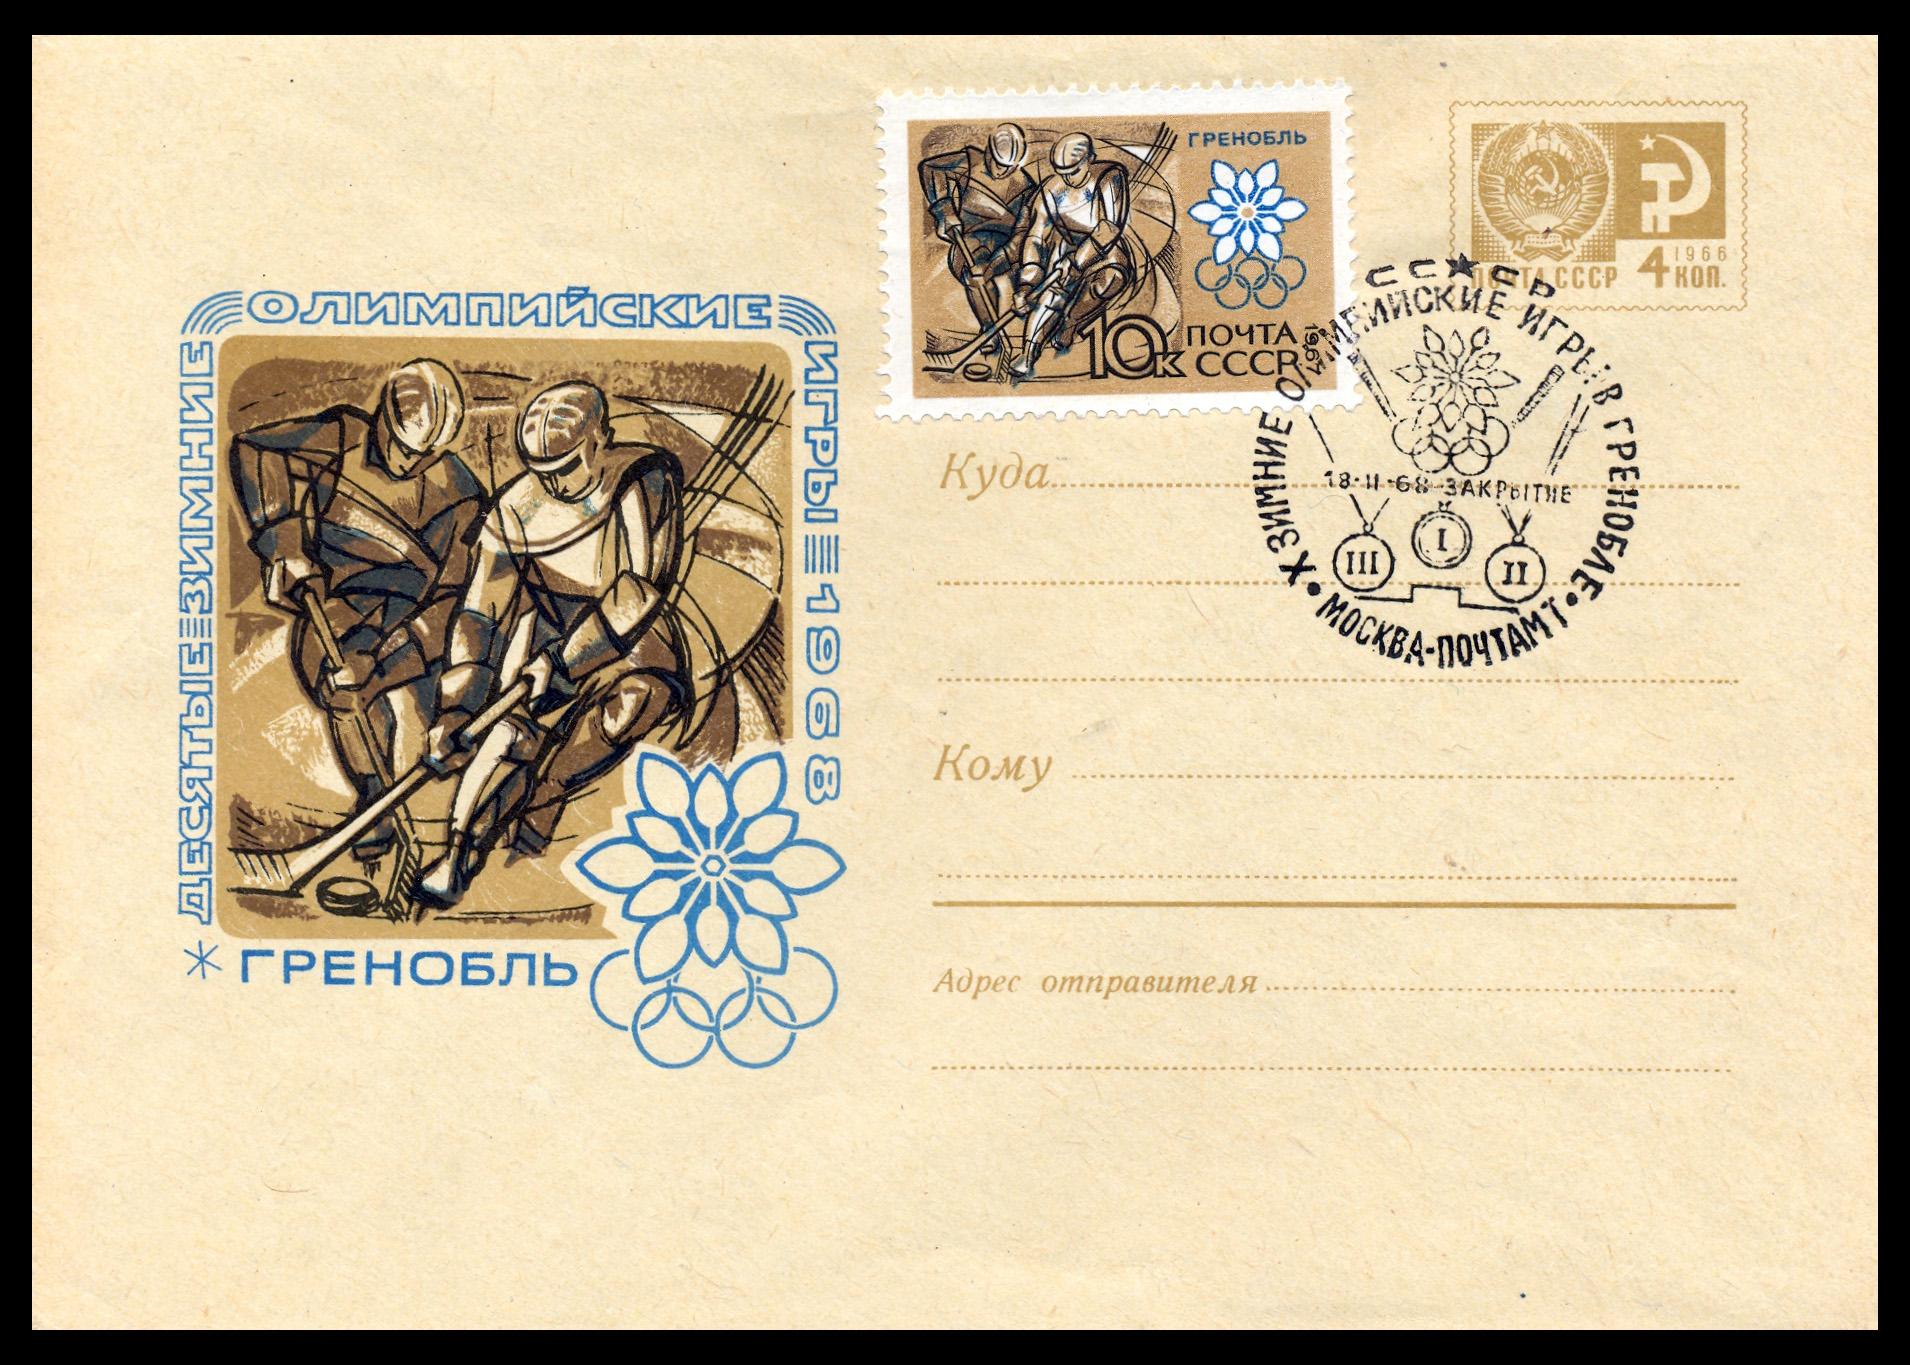 1968_СССР-конверт.jpg